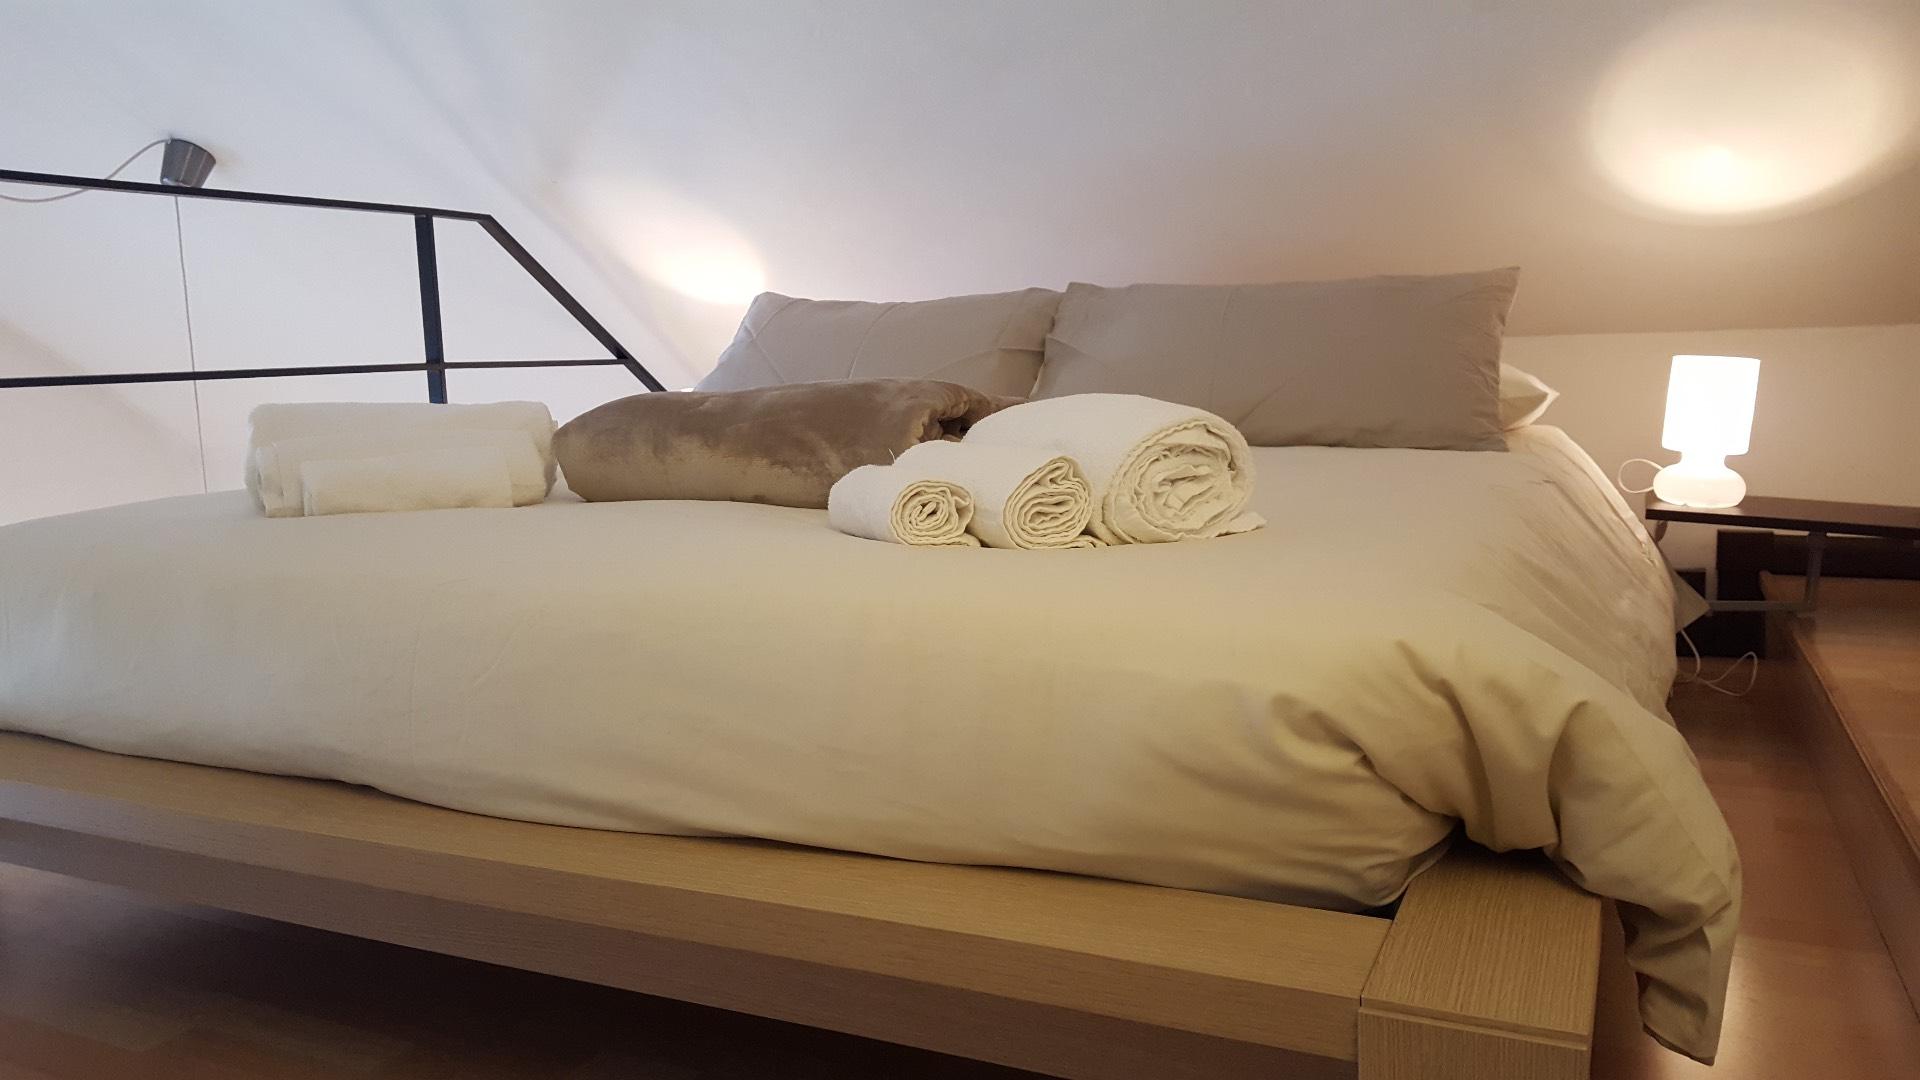 Appartamento in affitto a Verona, 1 locali, zona Località: BorgoRoma, Trattative riservate | CambioCasa.it